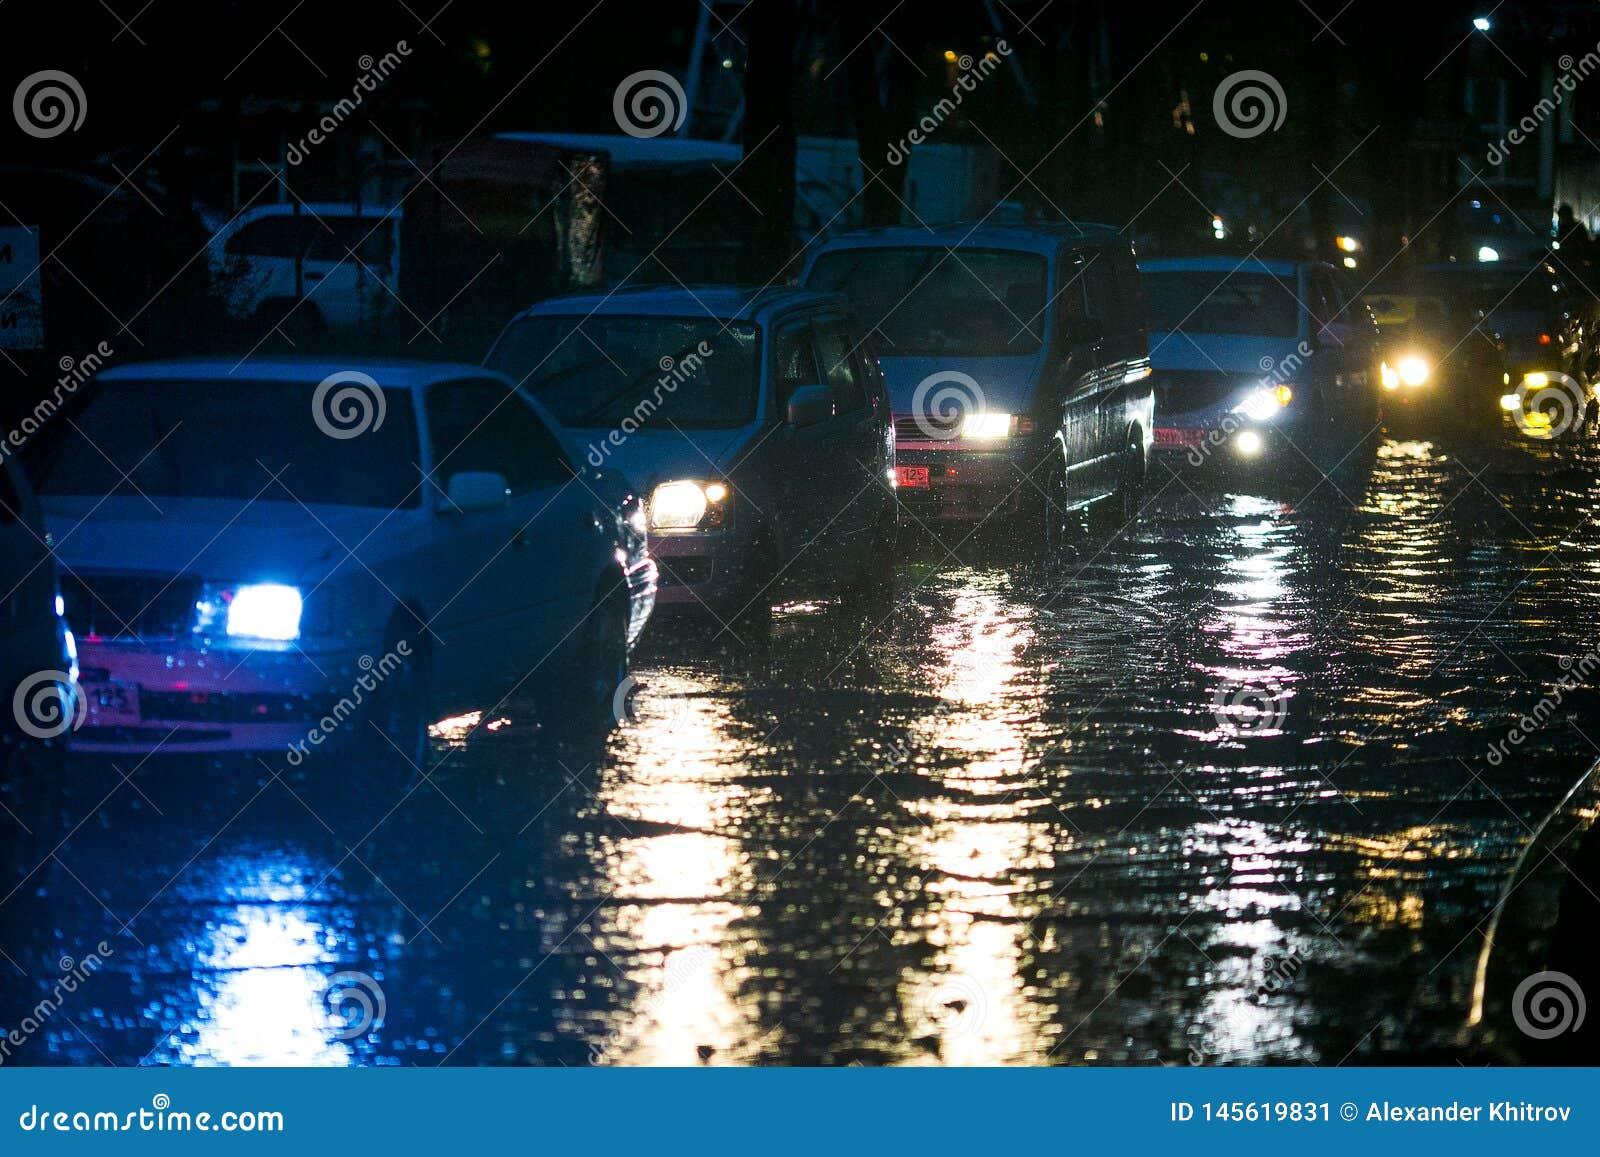 Ένα ιαπωνικό αυτοκίνητο κολλήθηκε σε μια βαθιά λίμνη κατά τη διάρκεια του σκοταδιού κατά τη διάρκεια ενός τυφώνα